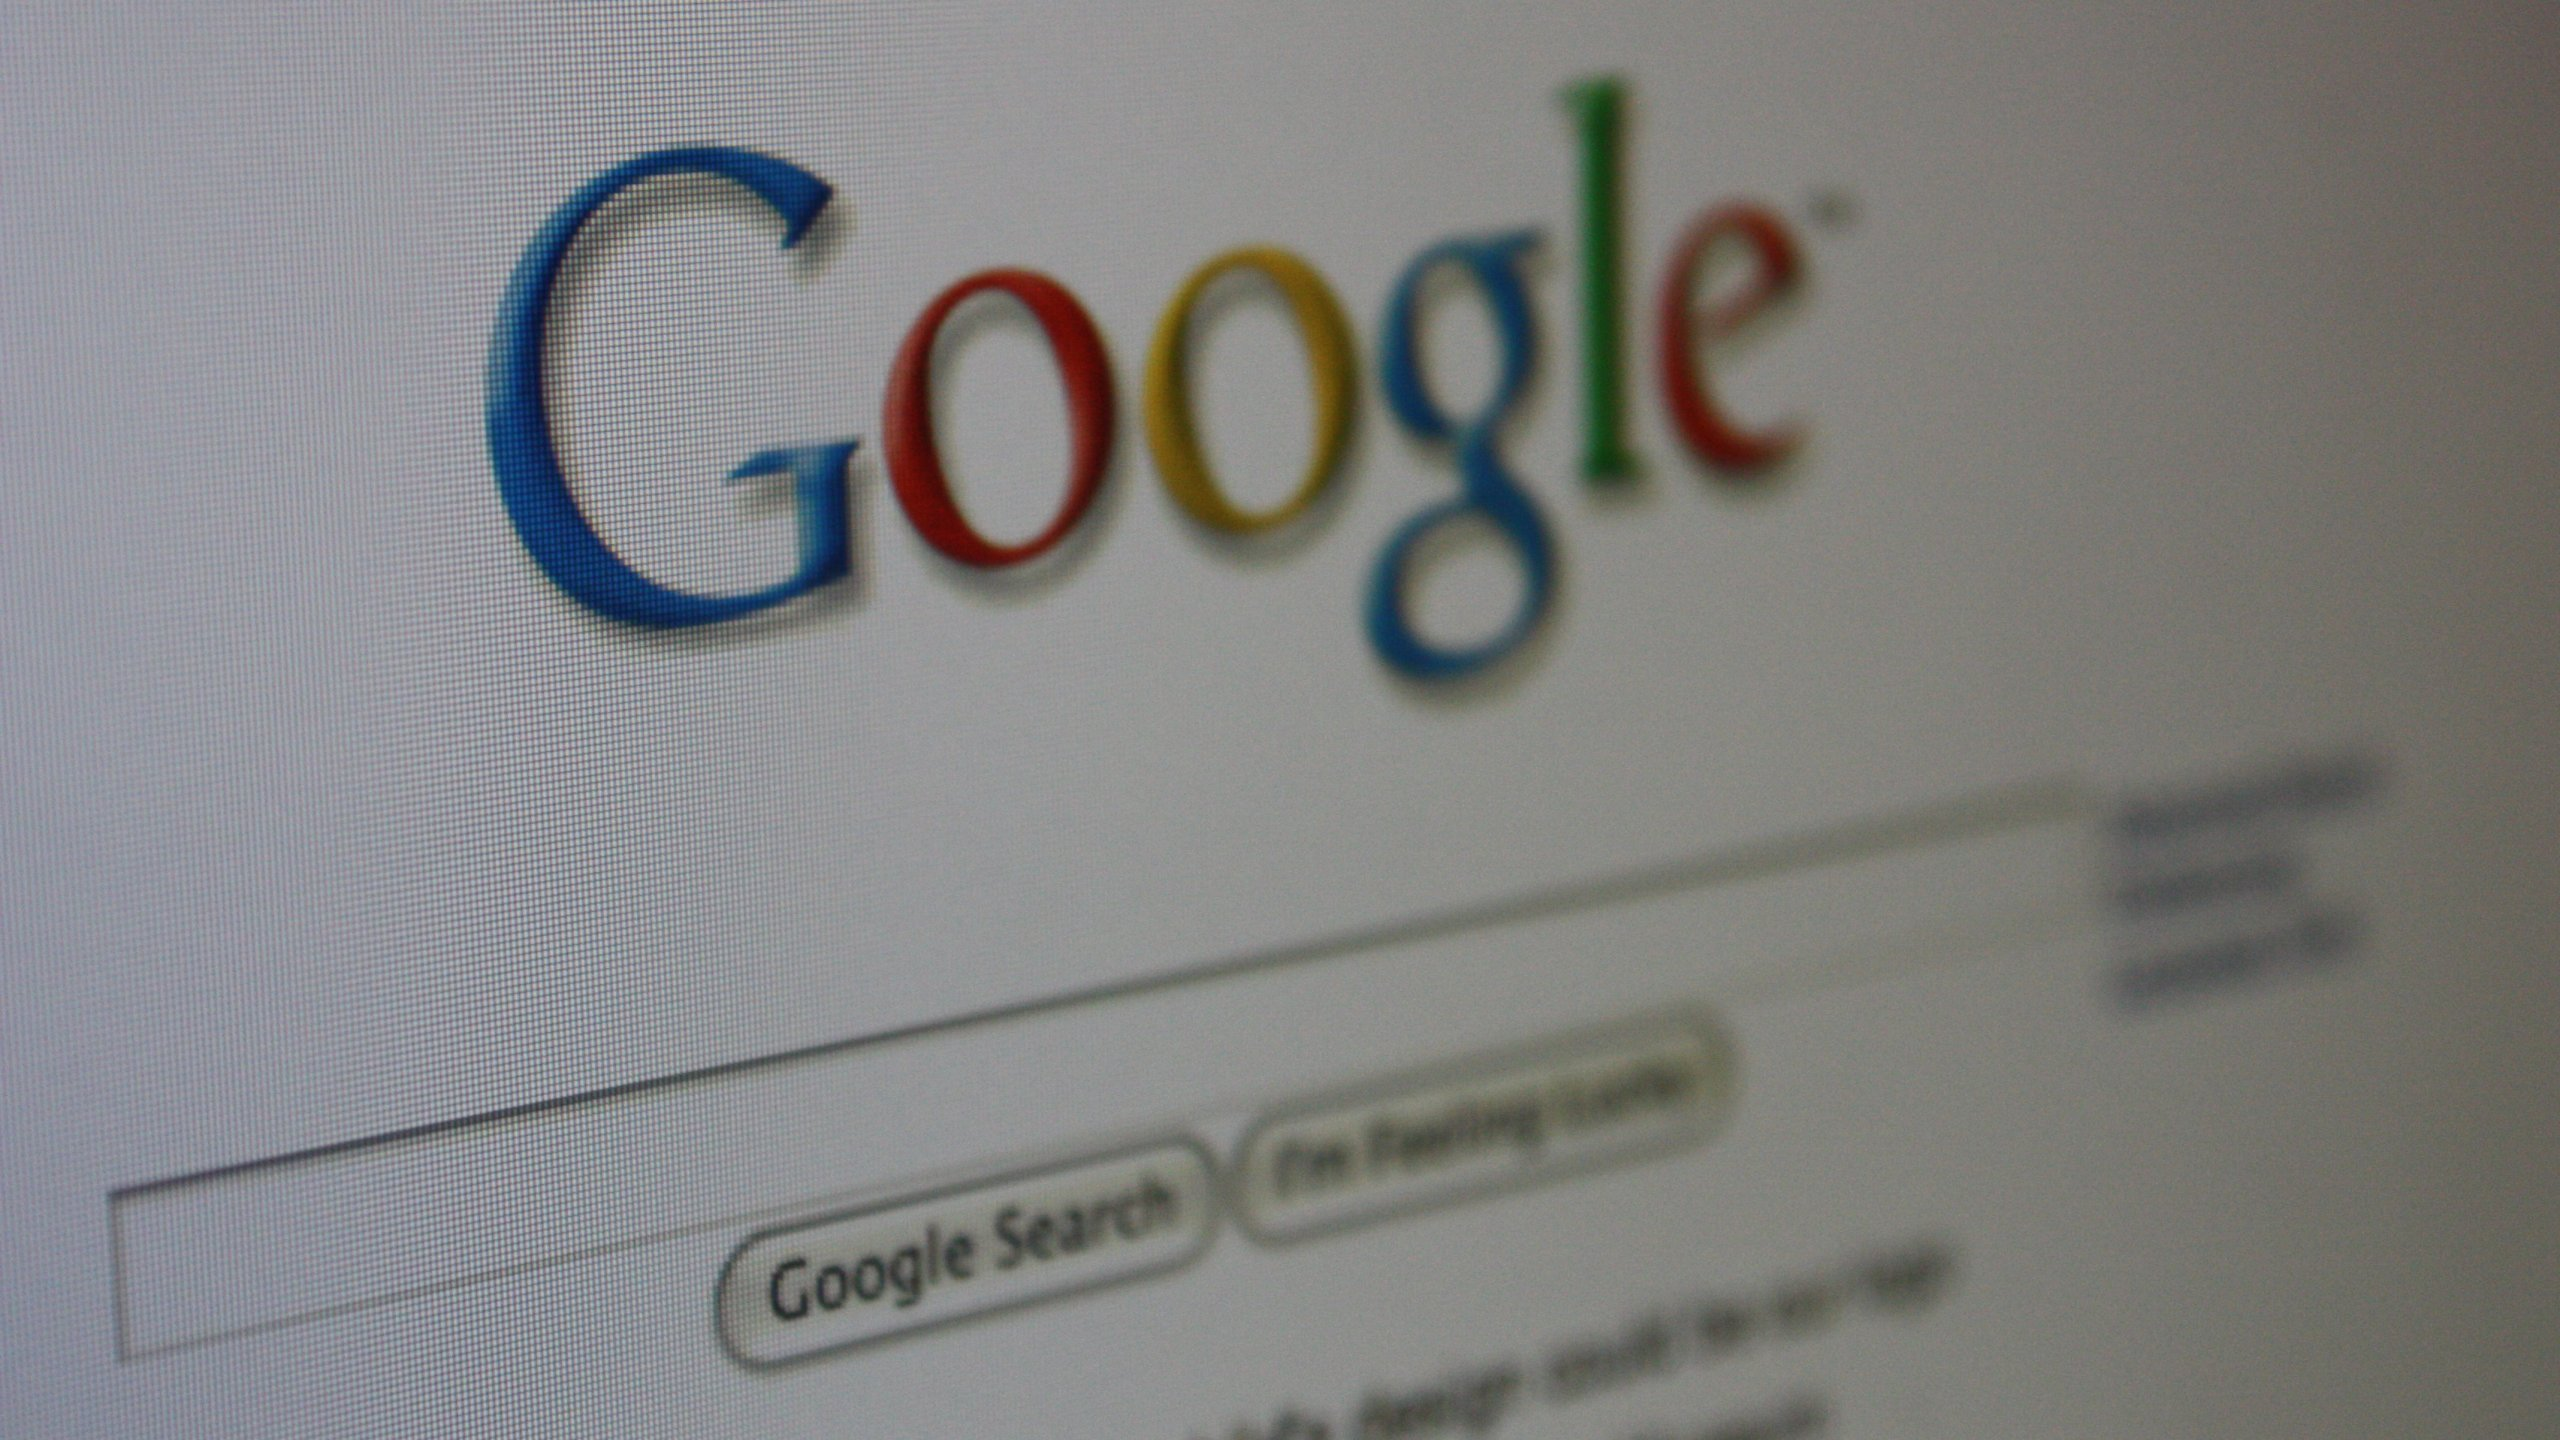 Screen shots – Google.com